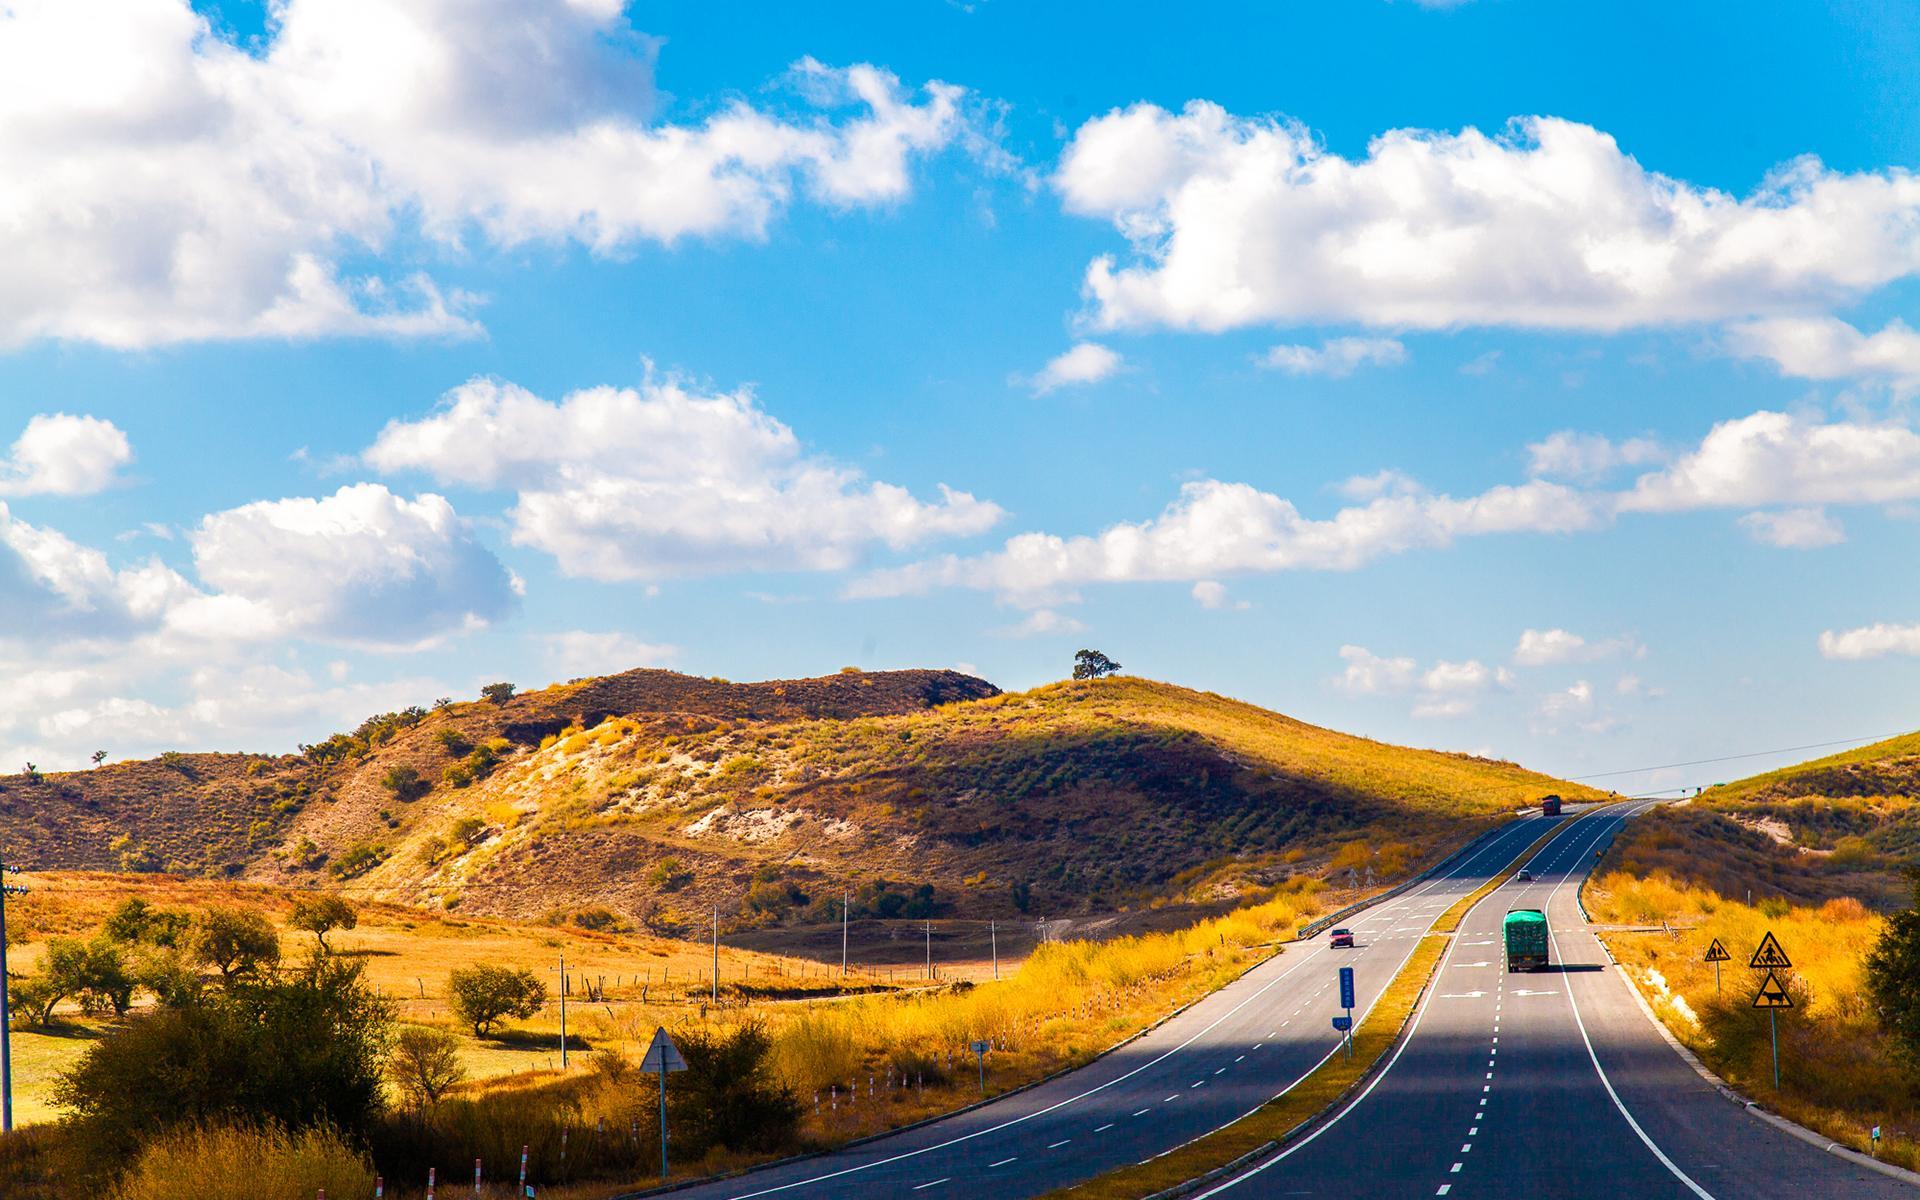 公路桌面壁纸 精选清新公路风景桌面壁纸大全